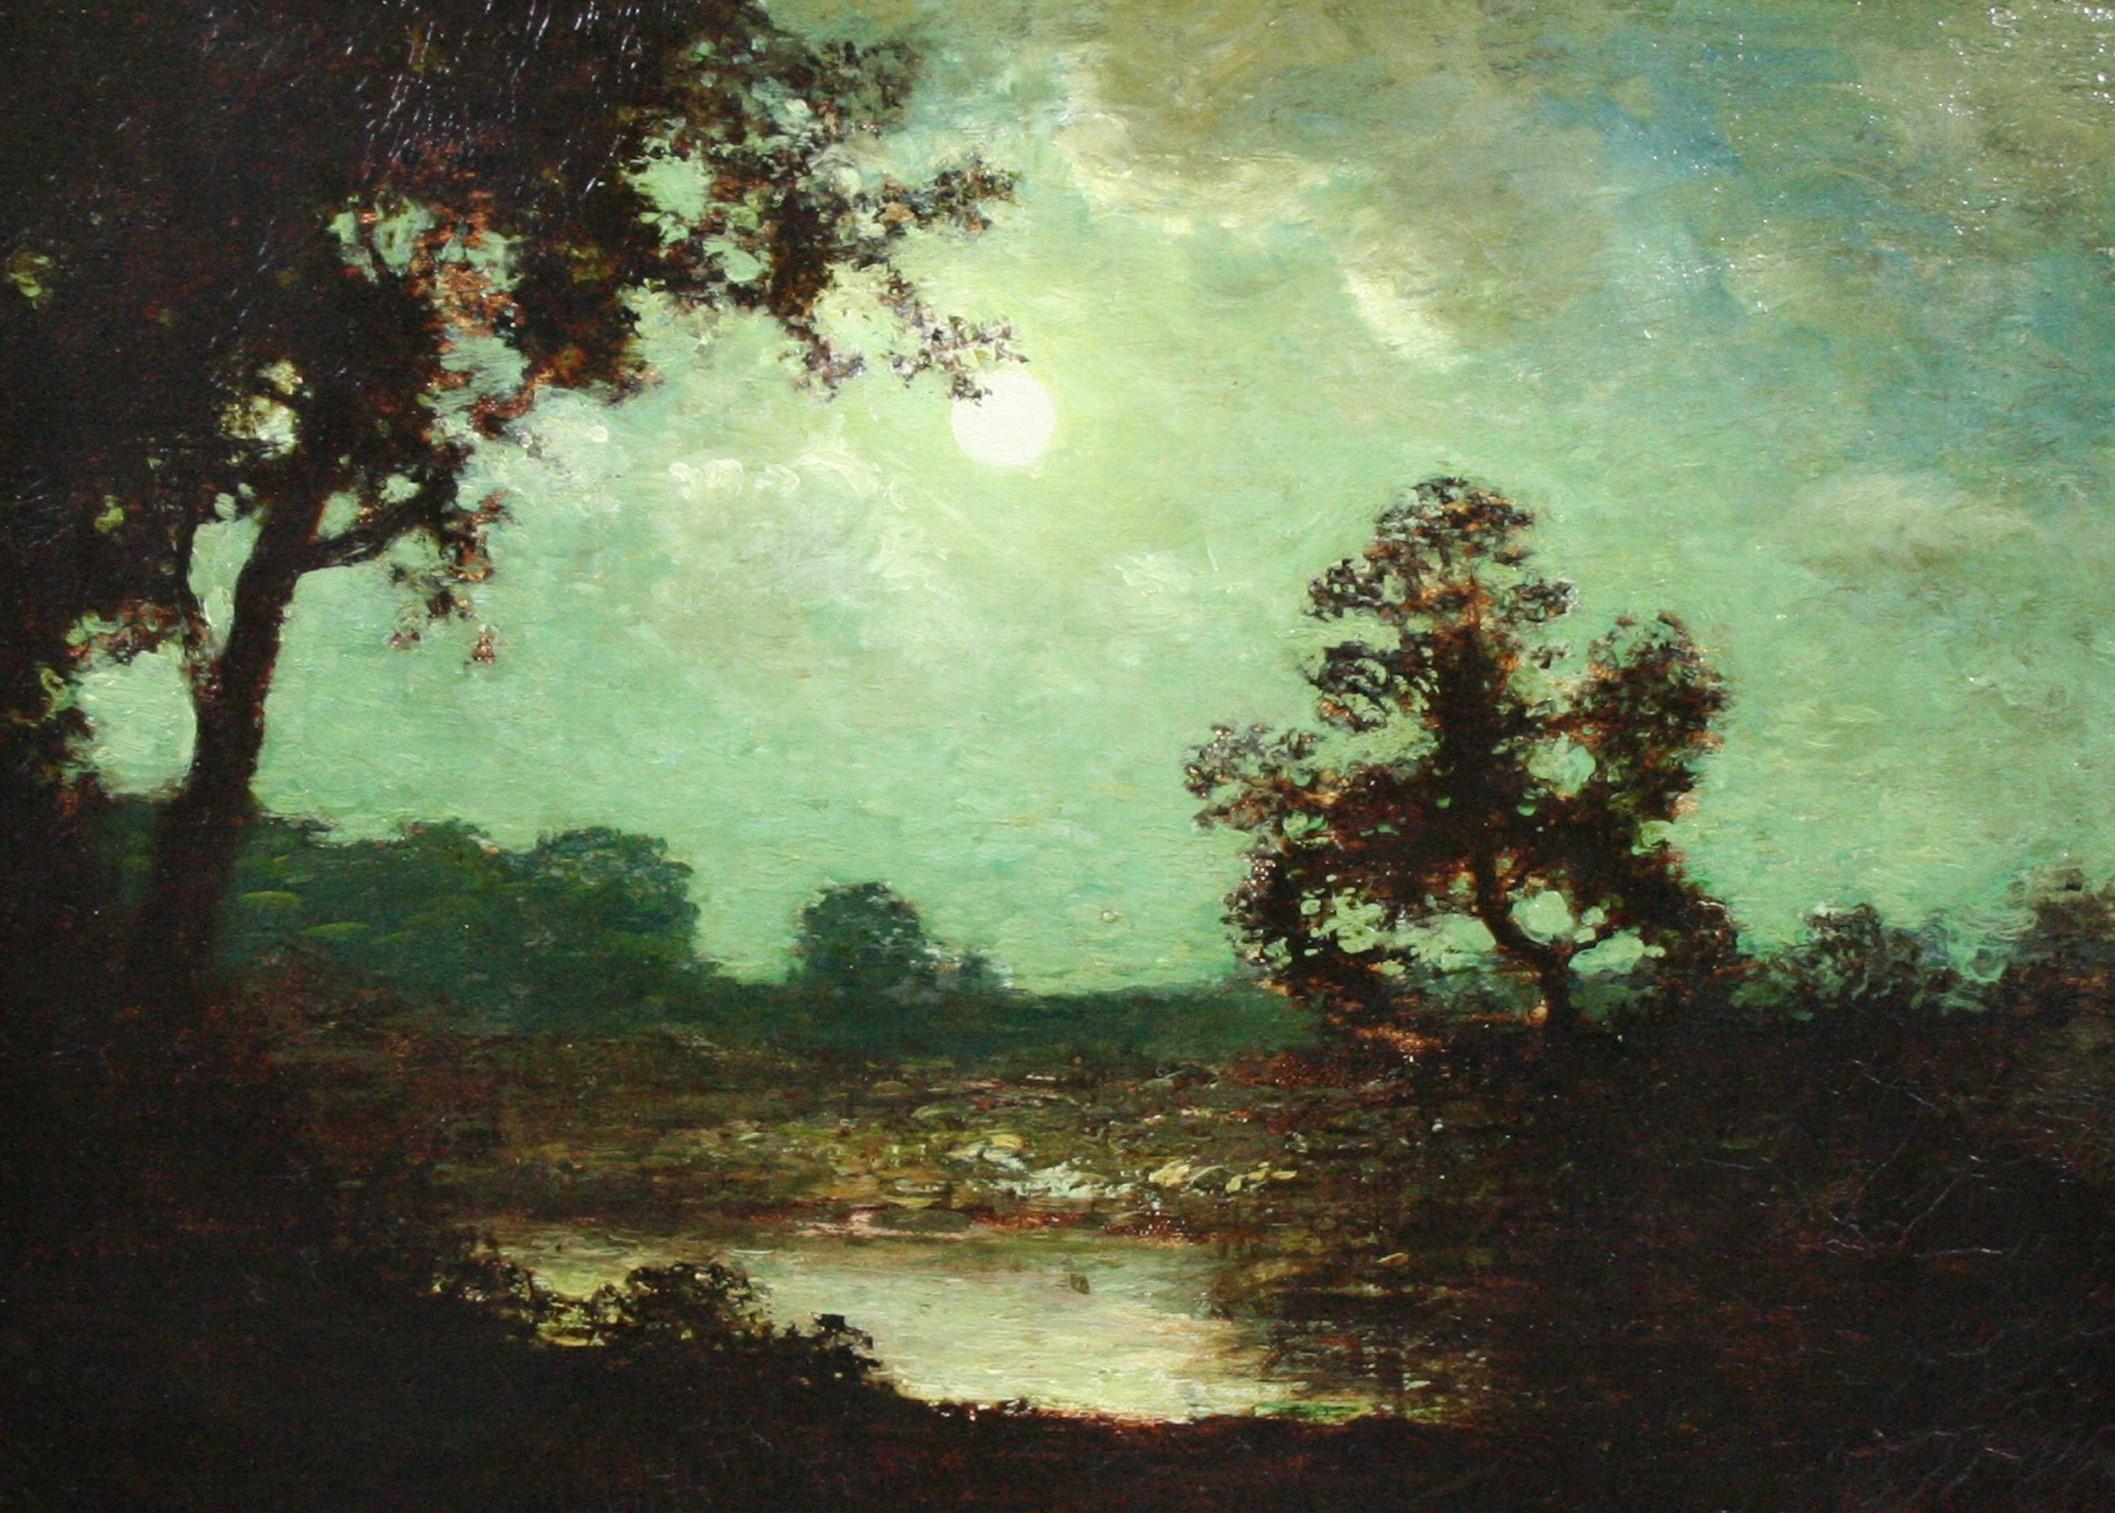 Landscape at Moonlight